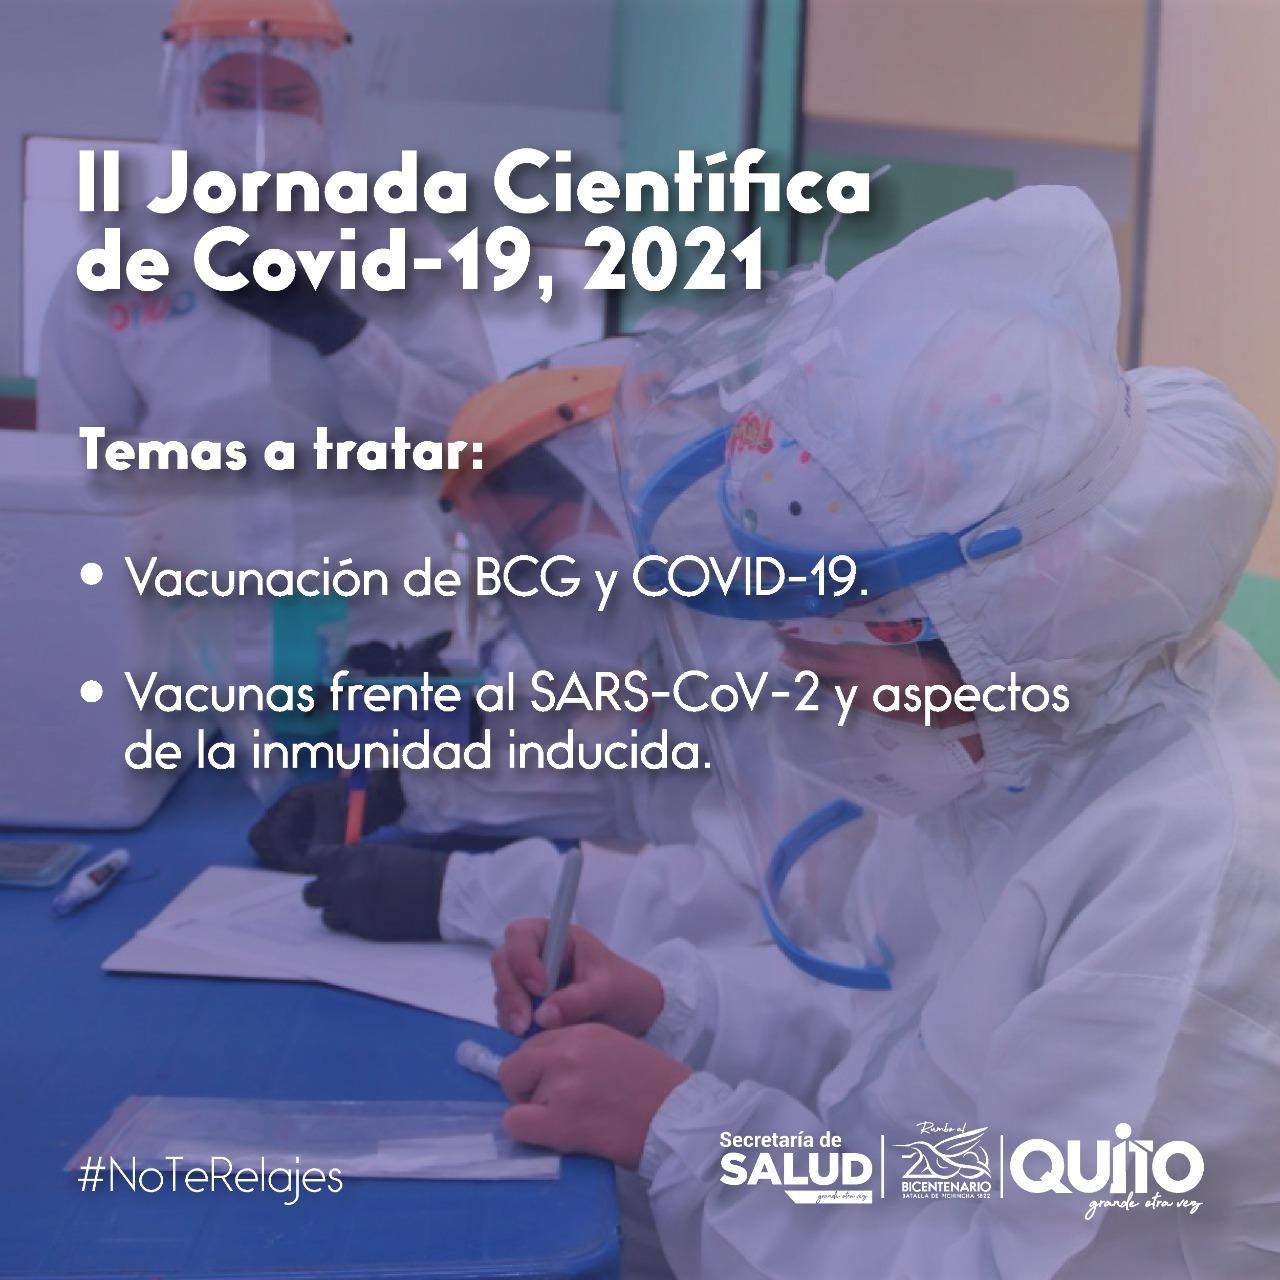 Secretaría de Salud realiza la 'II Jornada Científica de COVID-19'